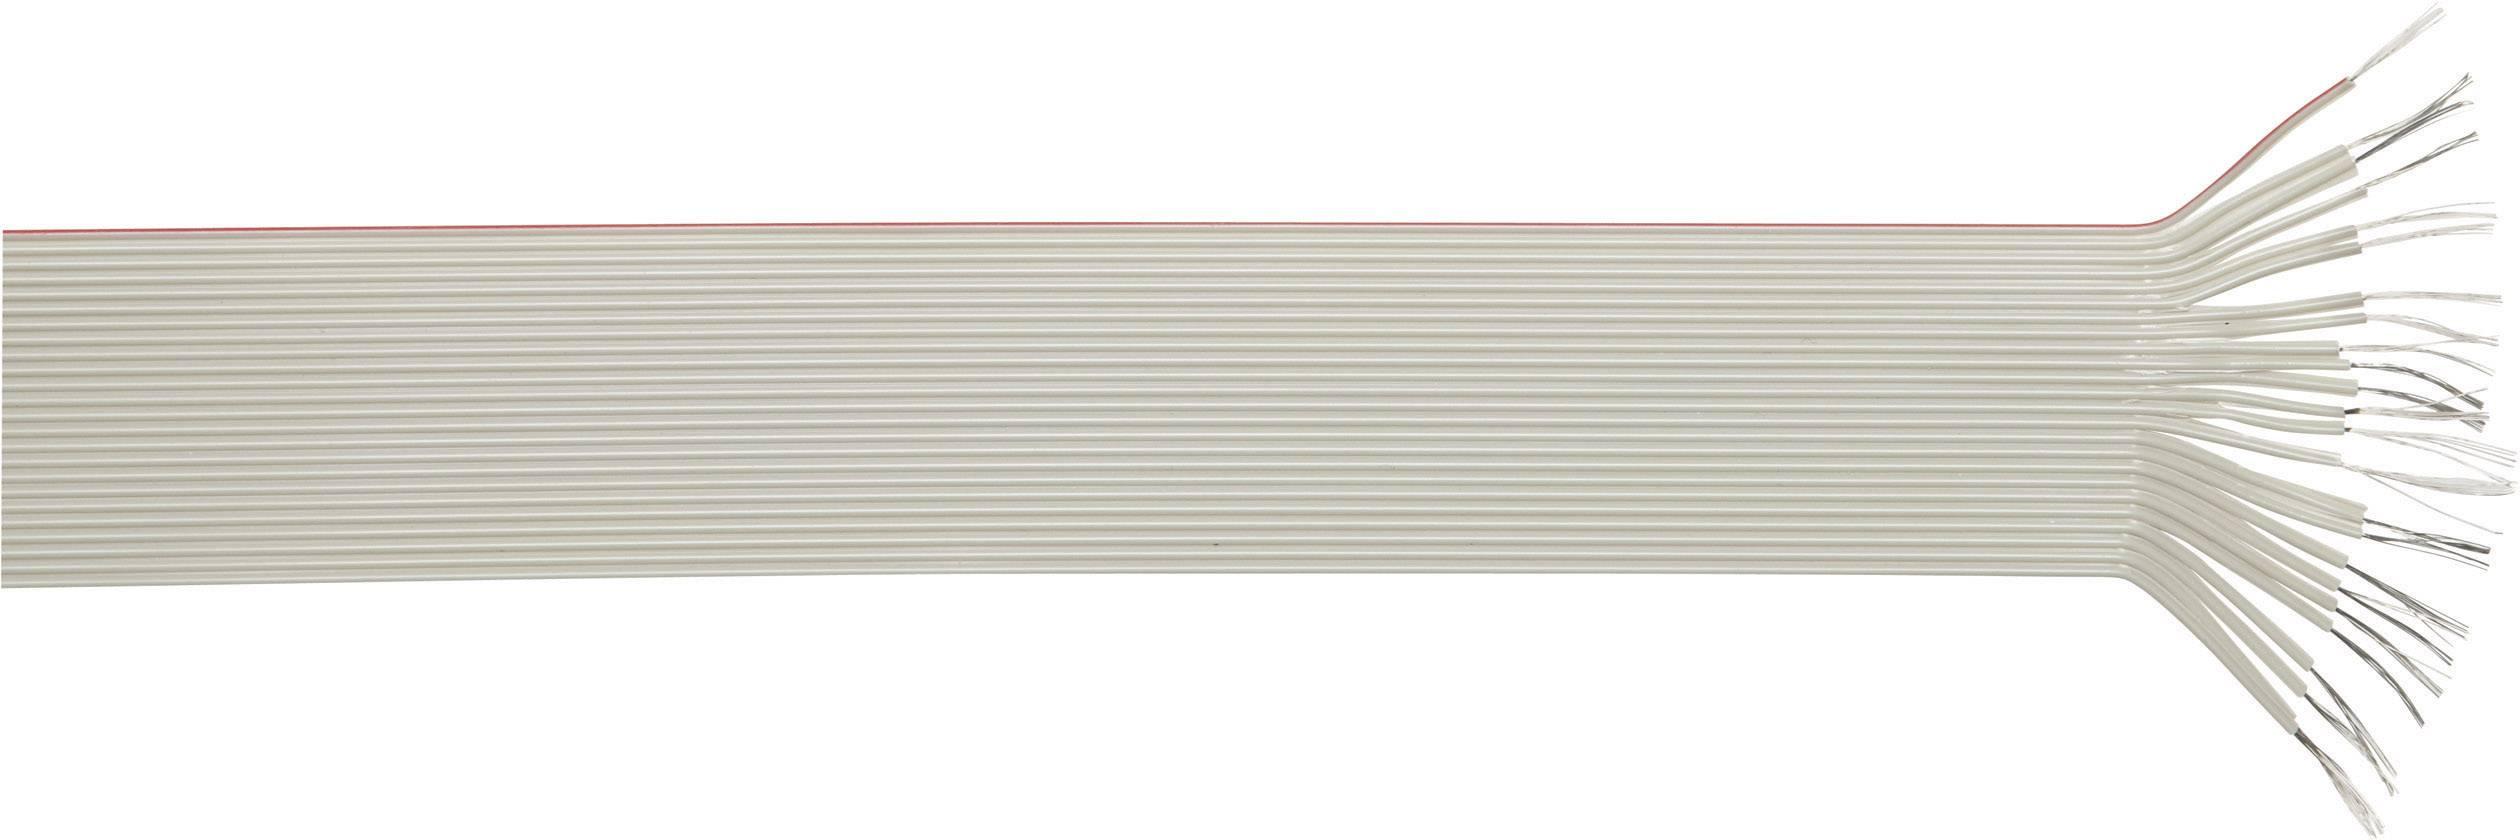 Plochý kabel LappKabel 49900051, nestíněný, 1 m, šedá